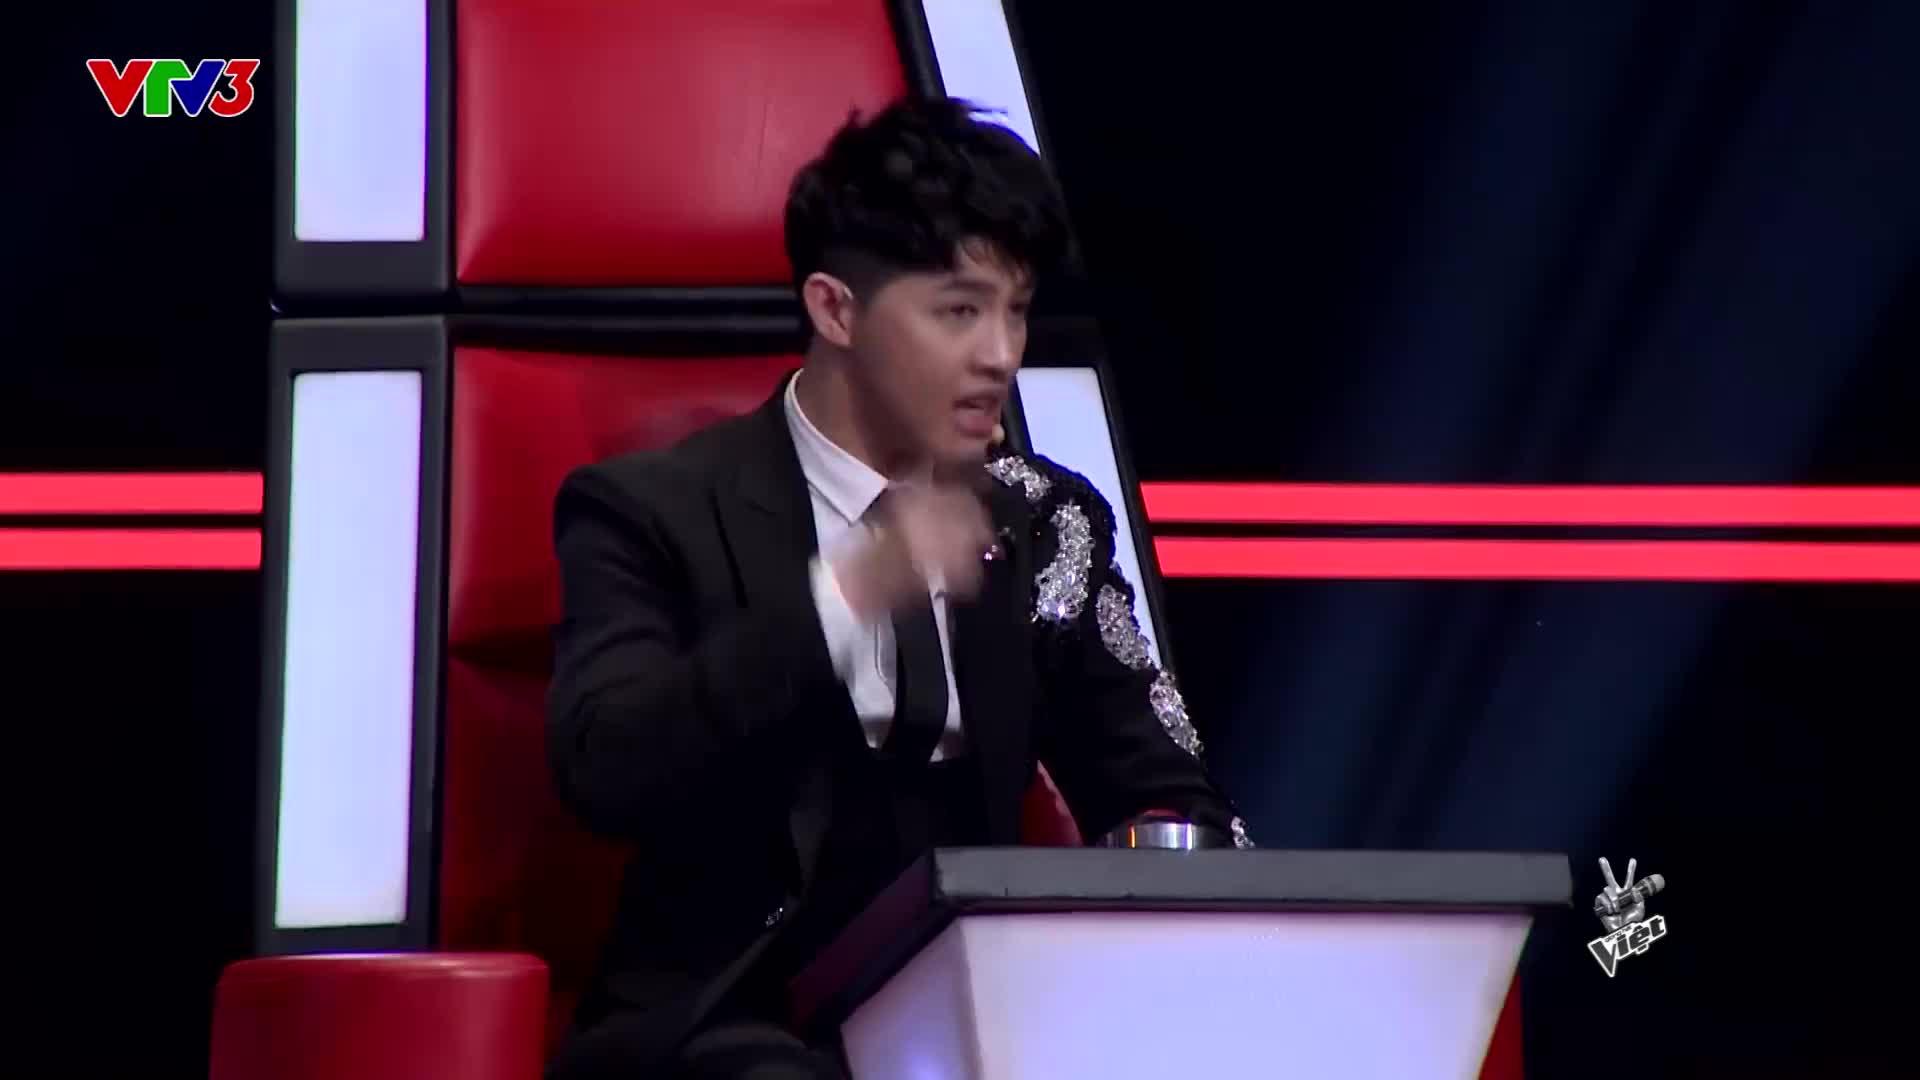 Noo Phước Thịnh: Nói về nam nghệ sĩ vừa hát, vừa nhảy thì Vpop này tôi đứng nhất